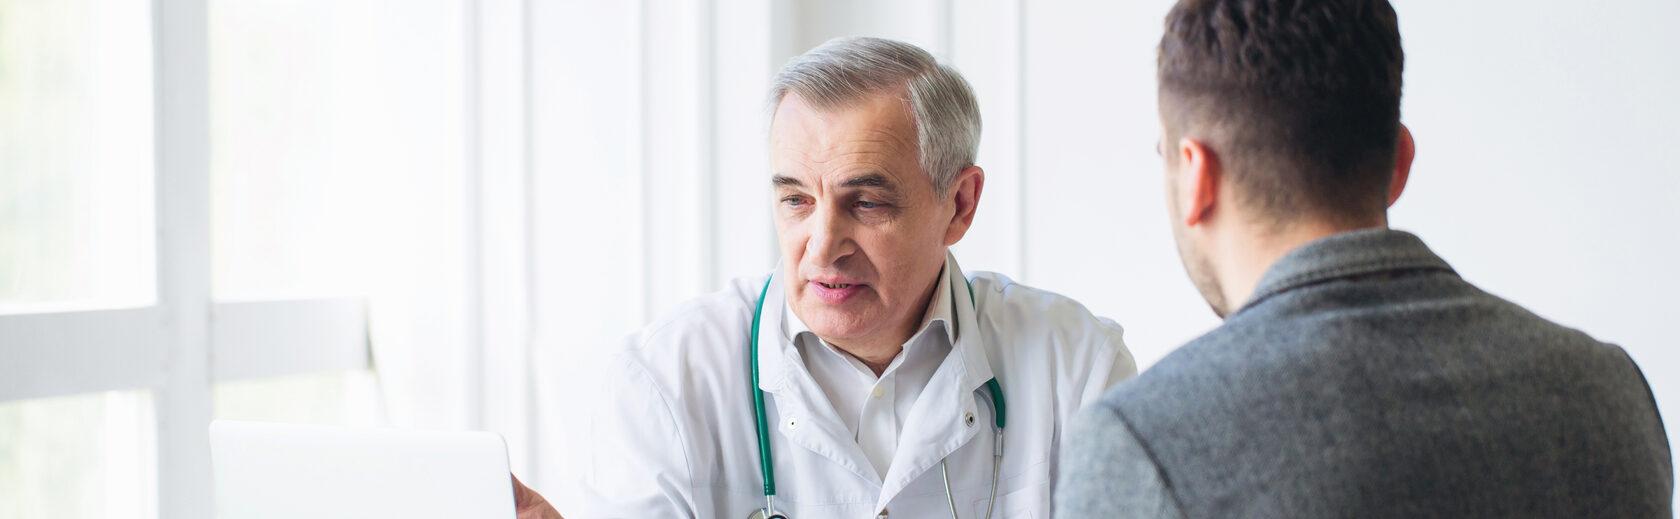 беседа доктора и пациента